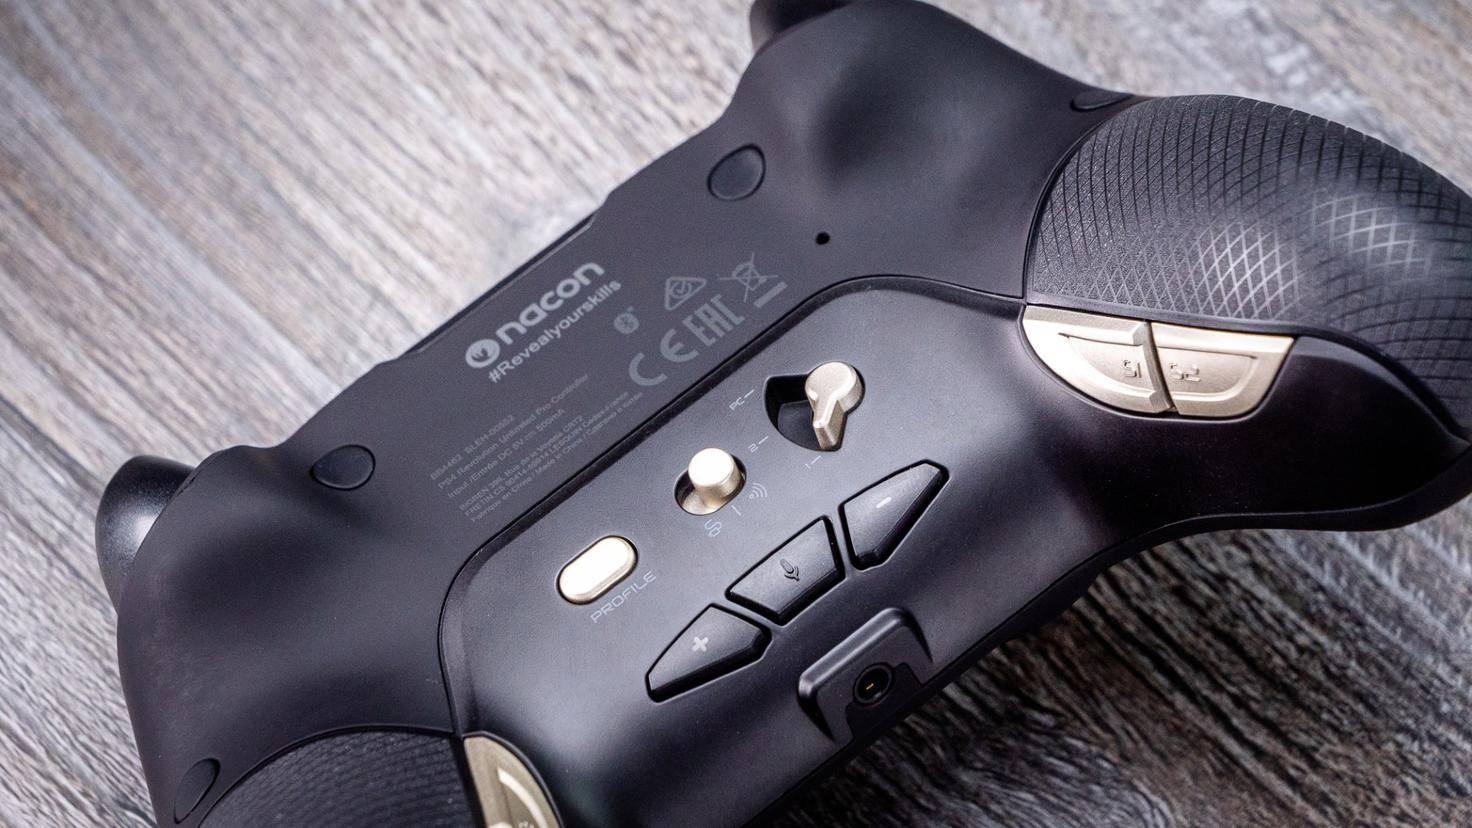 Über Tasten an der Unterseite lässt sich die Lautstärke im Spiel regeln.